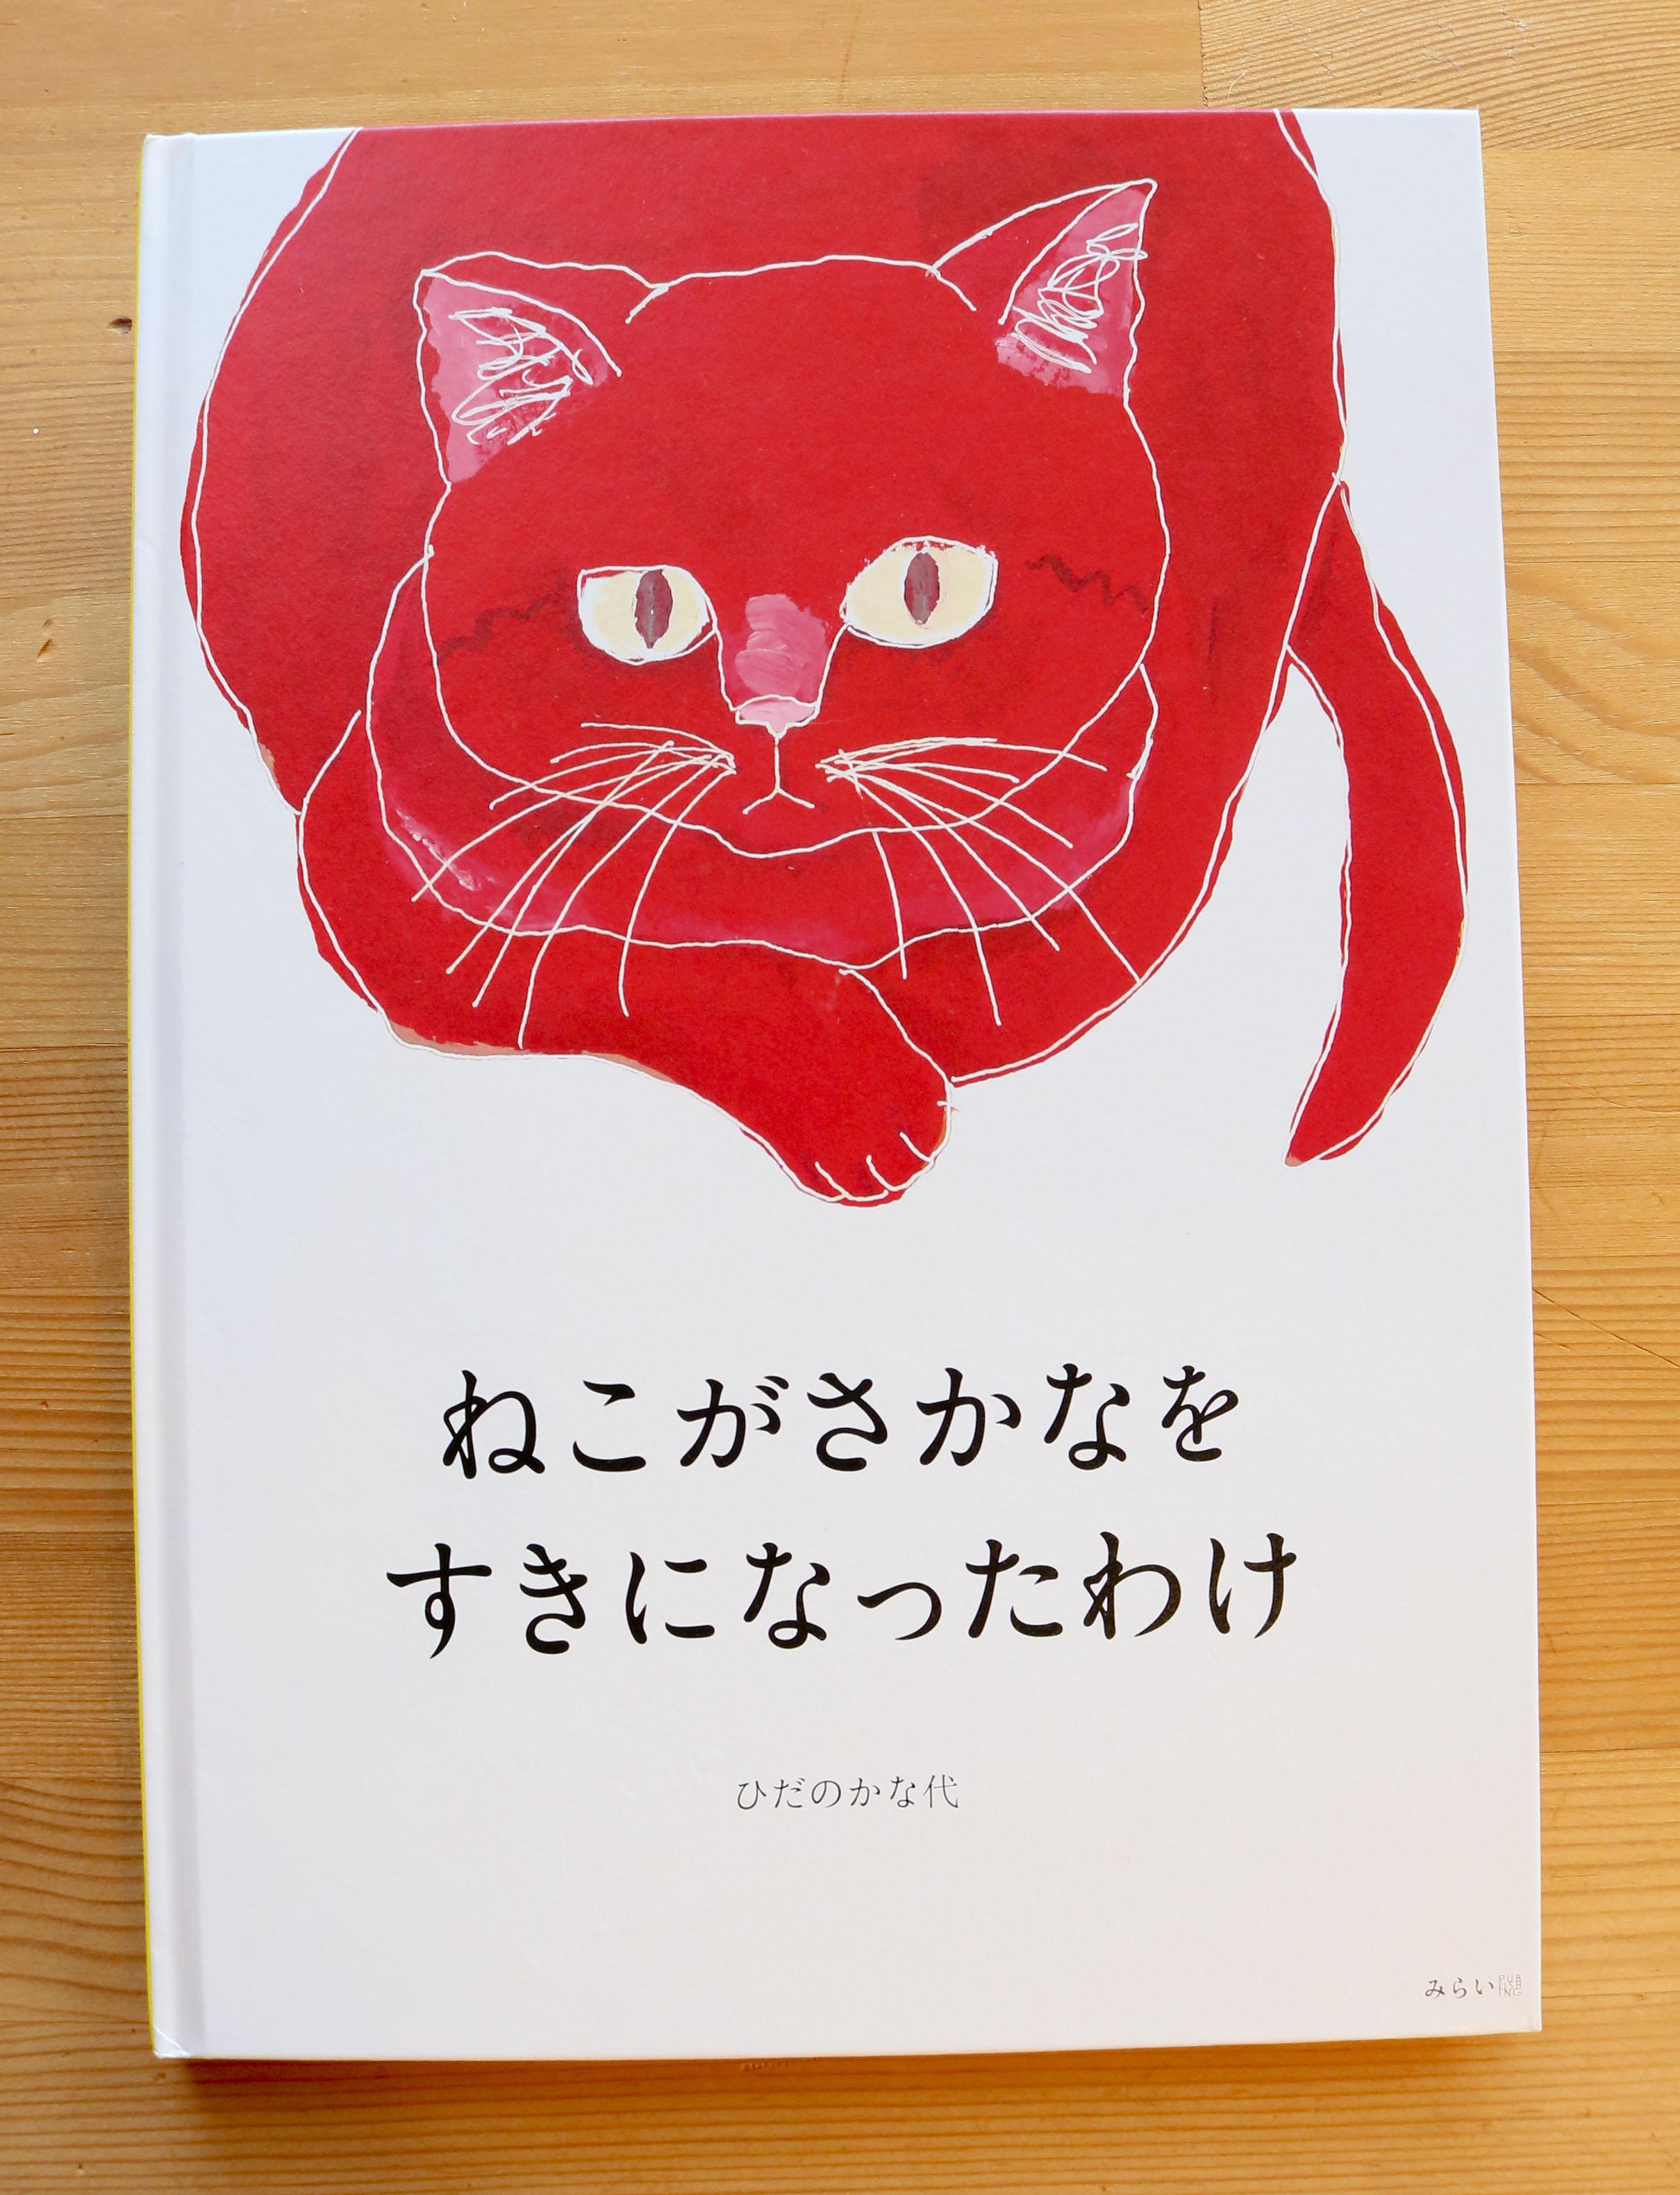 猫絵本 絵本 秋田 かぎしっぽ ねこがさかなをすきになったわけ